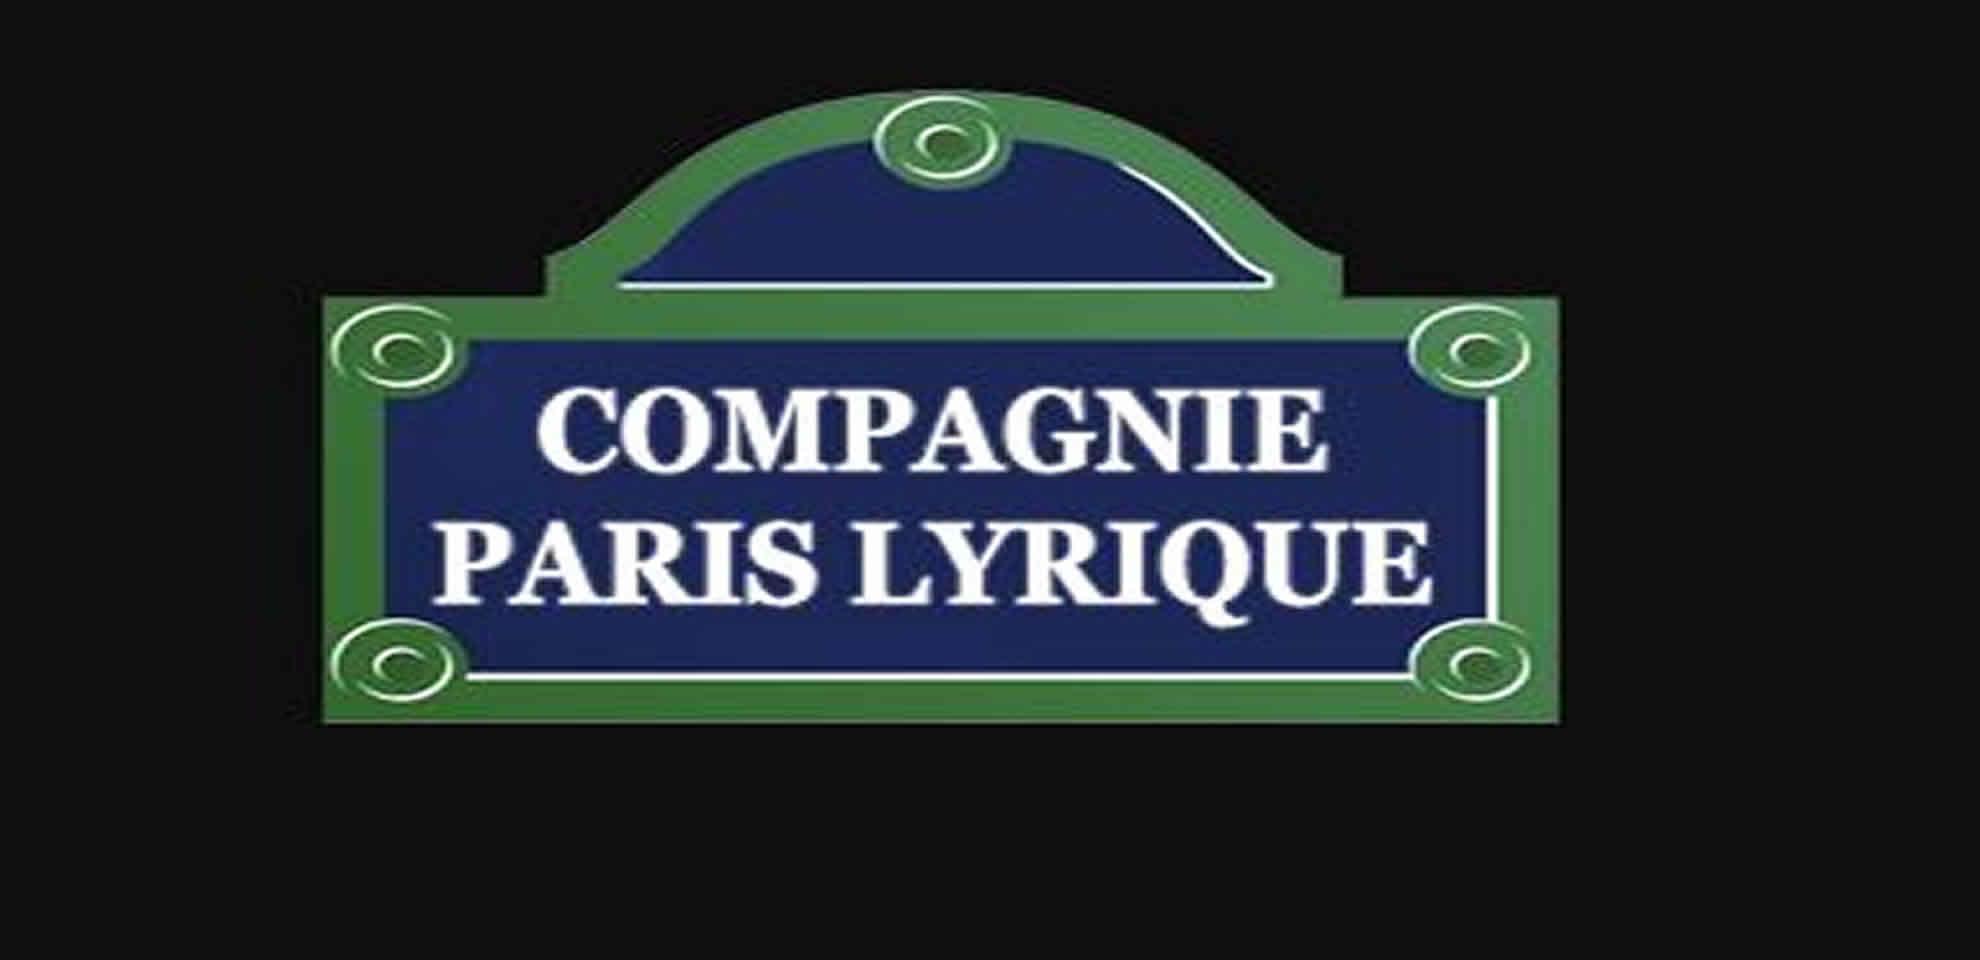 La Compagnie Paris Lyrique : Un spectacle pour enfant